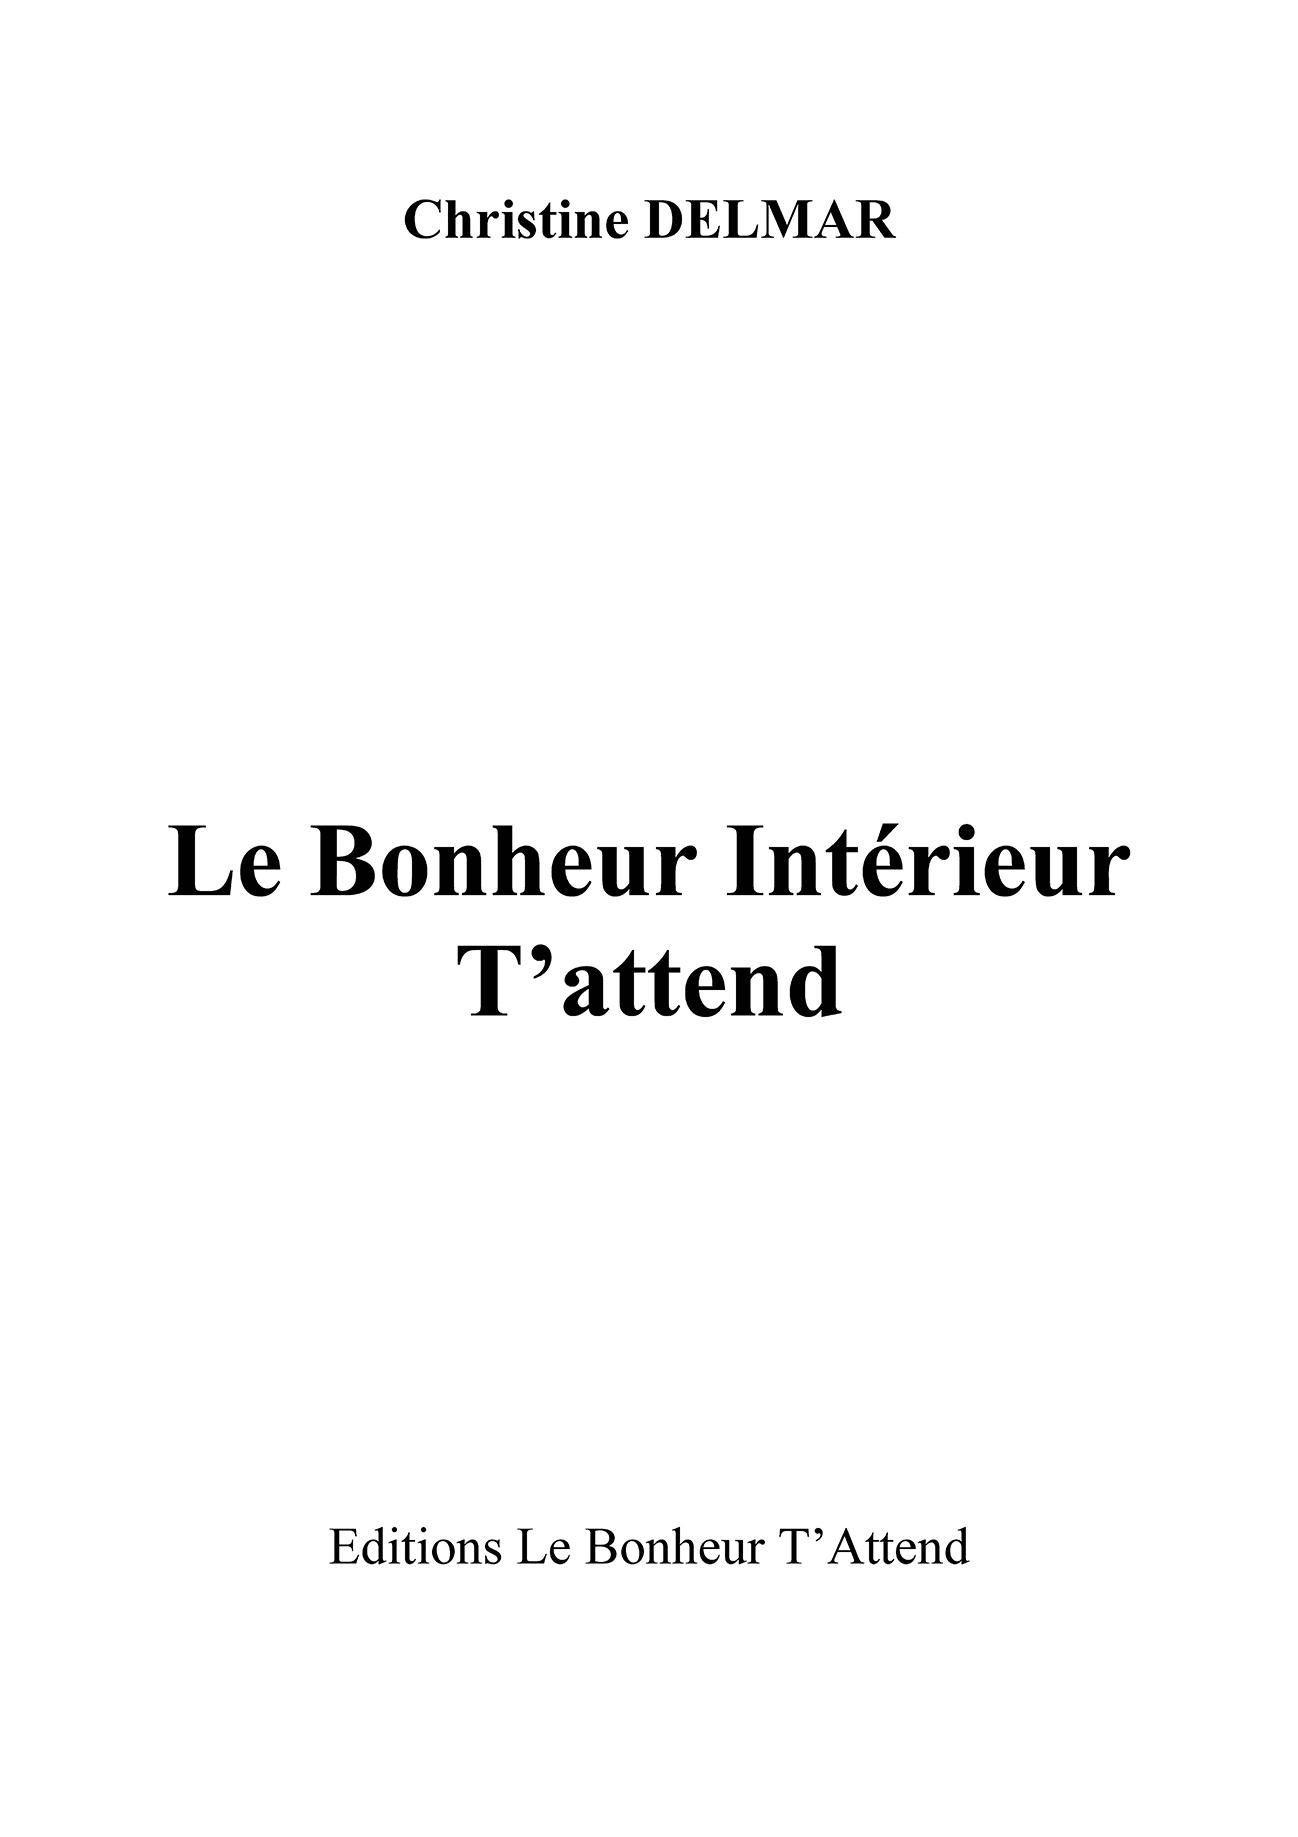 Ebook - Le Bonheur Intérieur Tattend_Page_002.jpg